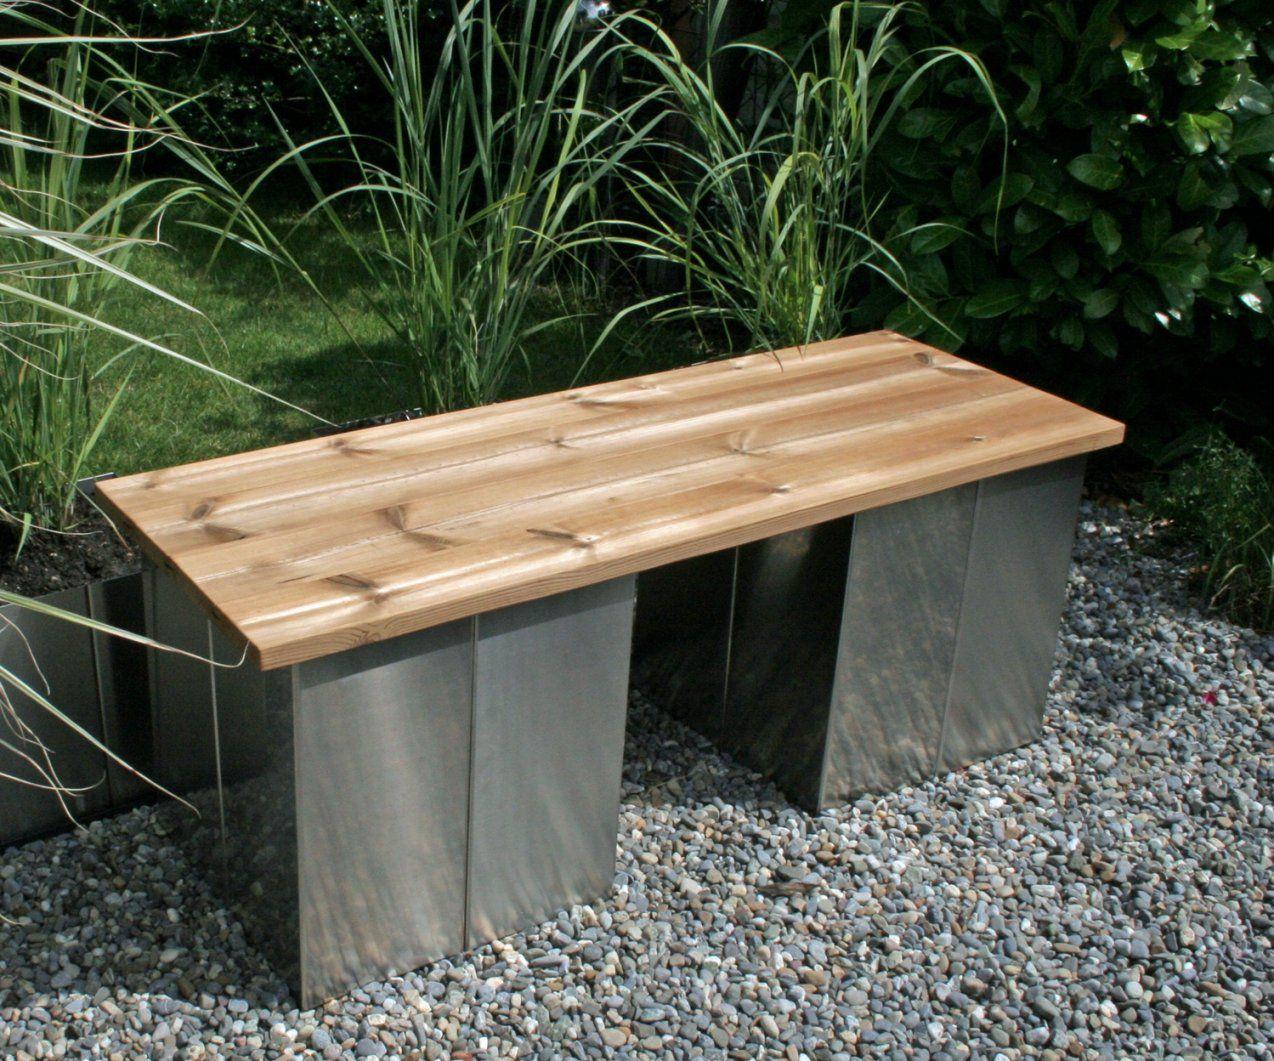 Holz Gartenbank Selber Bauen | Haus Design Ideen